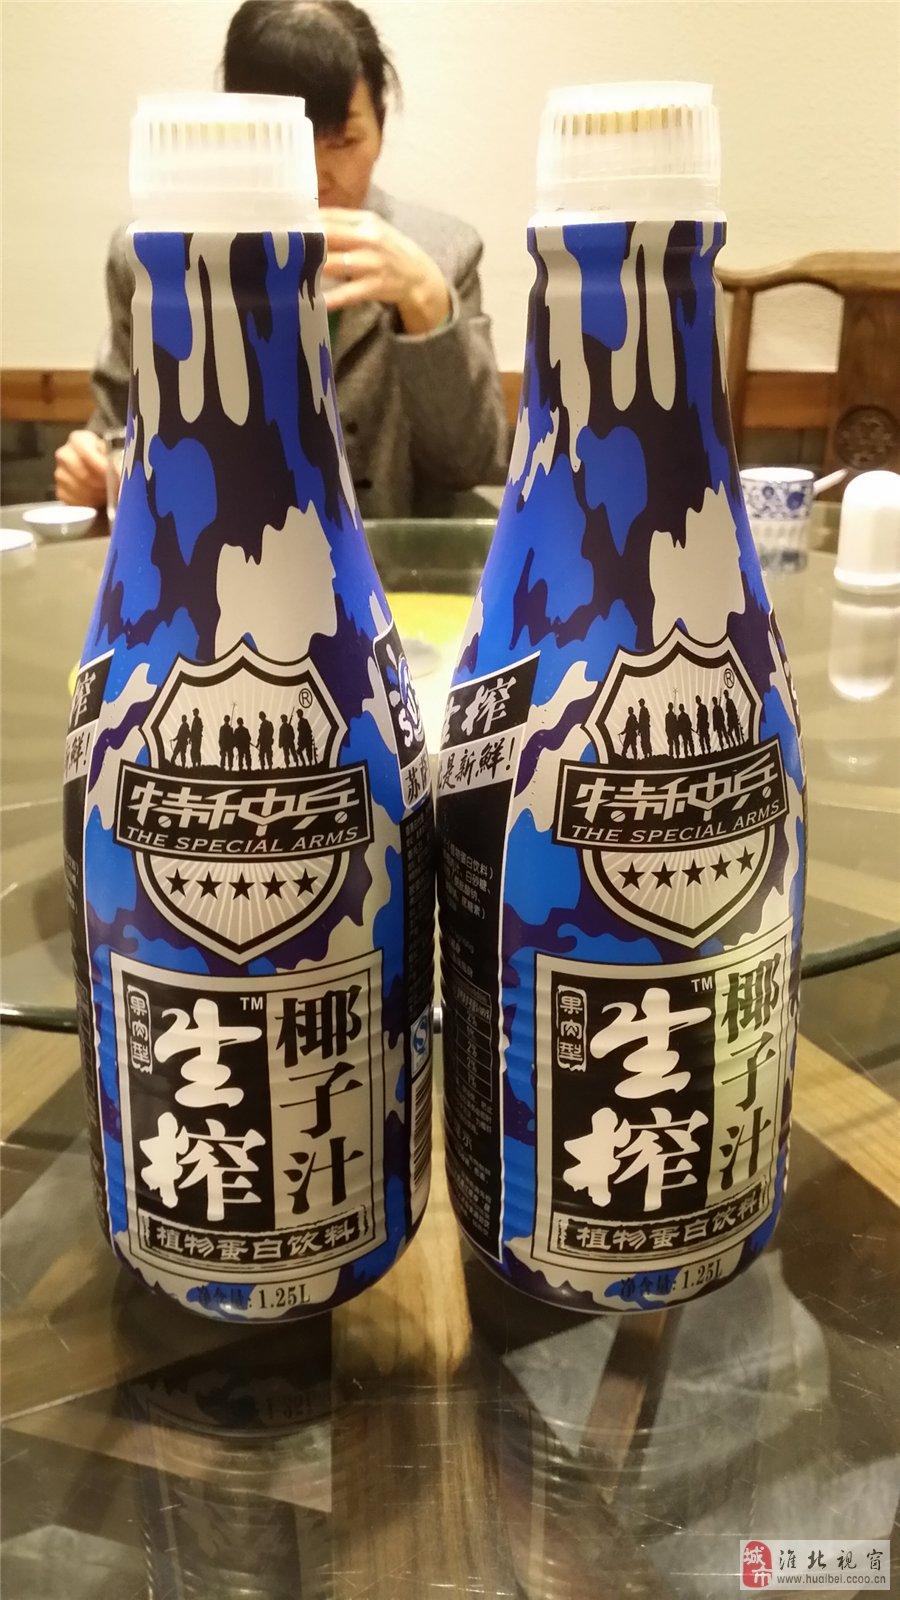 上次在外地喝了这一种椰汁真心不错,现在不知道淮北哪儿有卖的